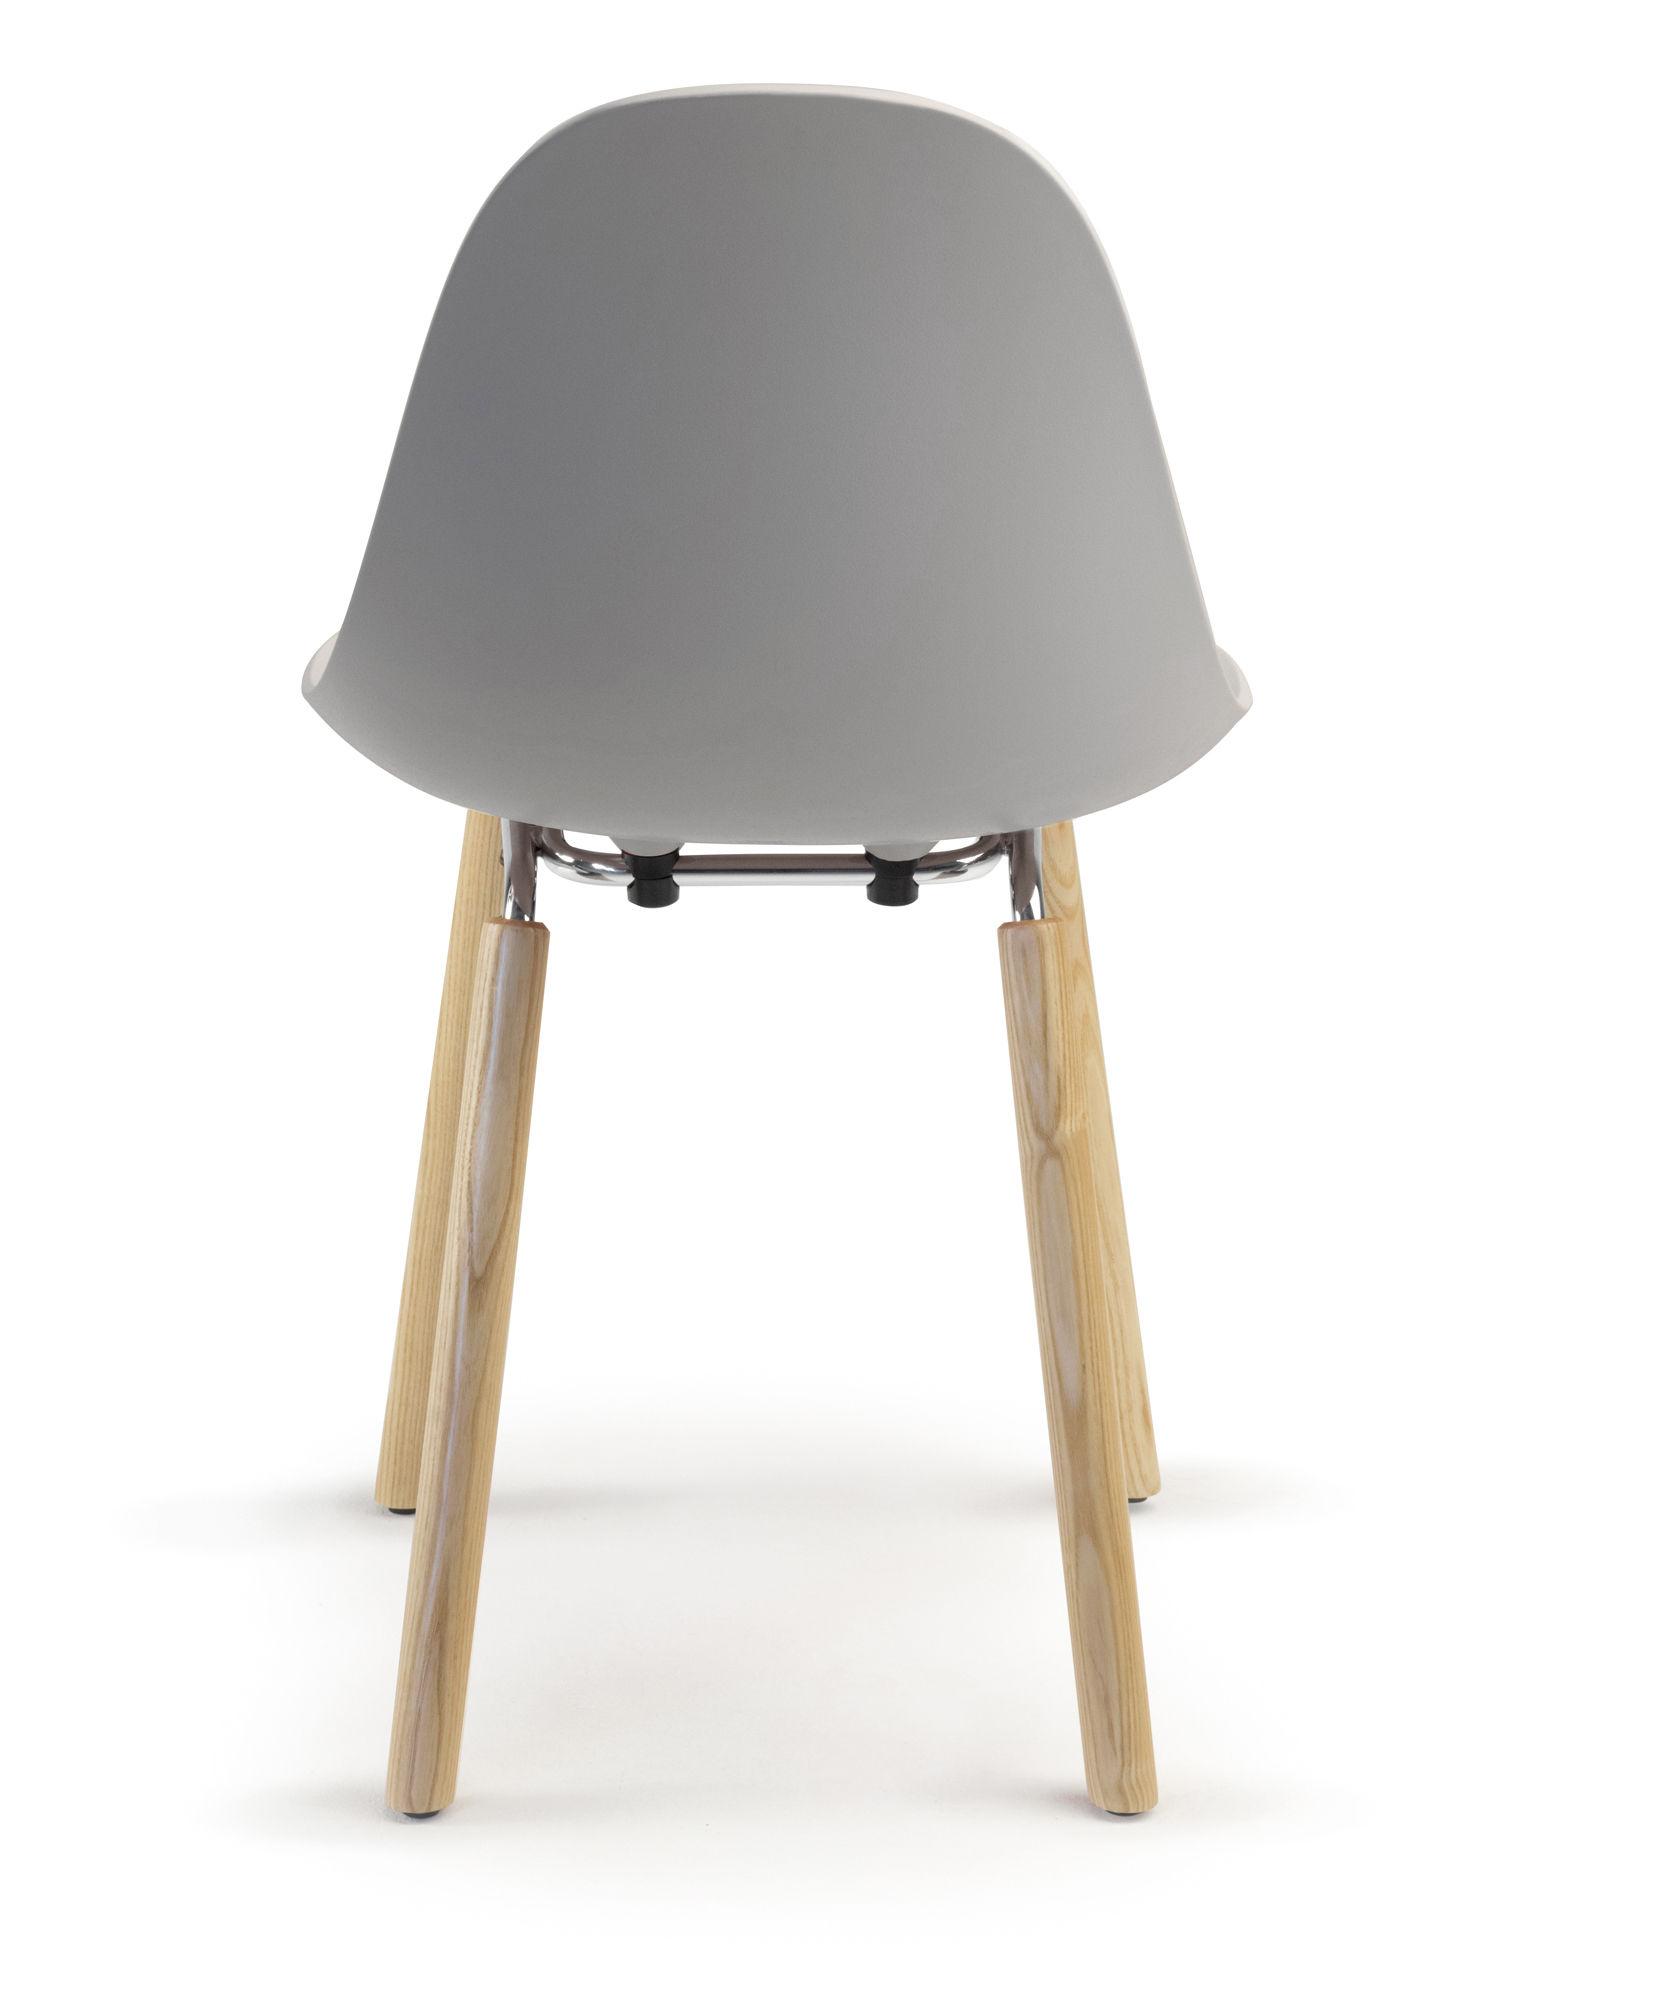 scopri sedia ta gambe in legno grigio gambe legno. Black Bedroom Furniture Sets. Home Design Ideas